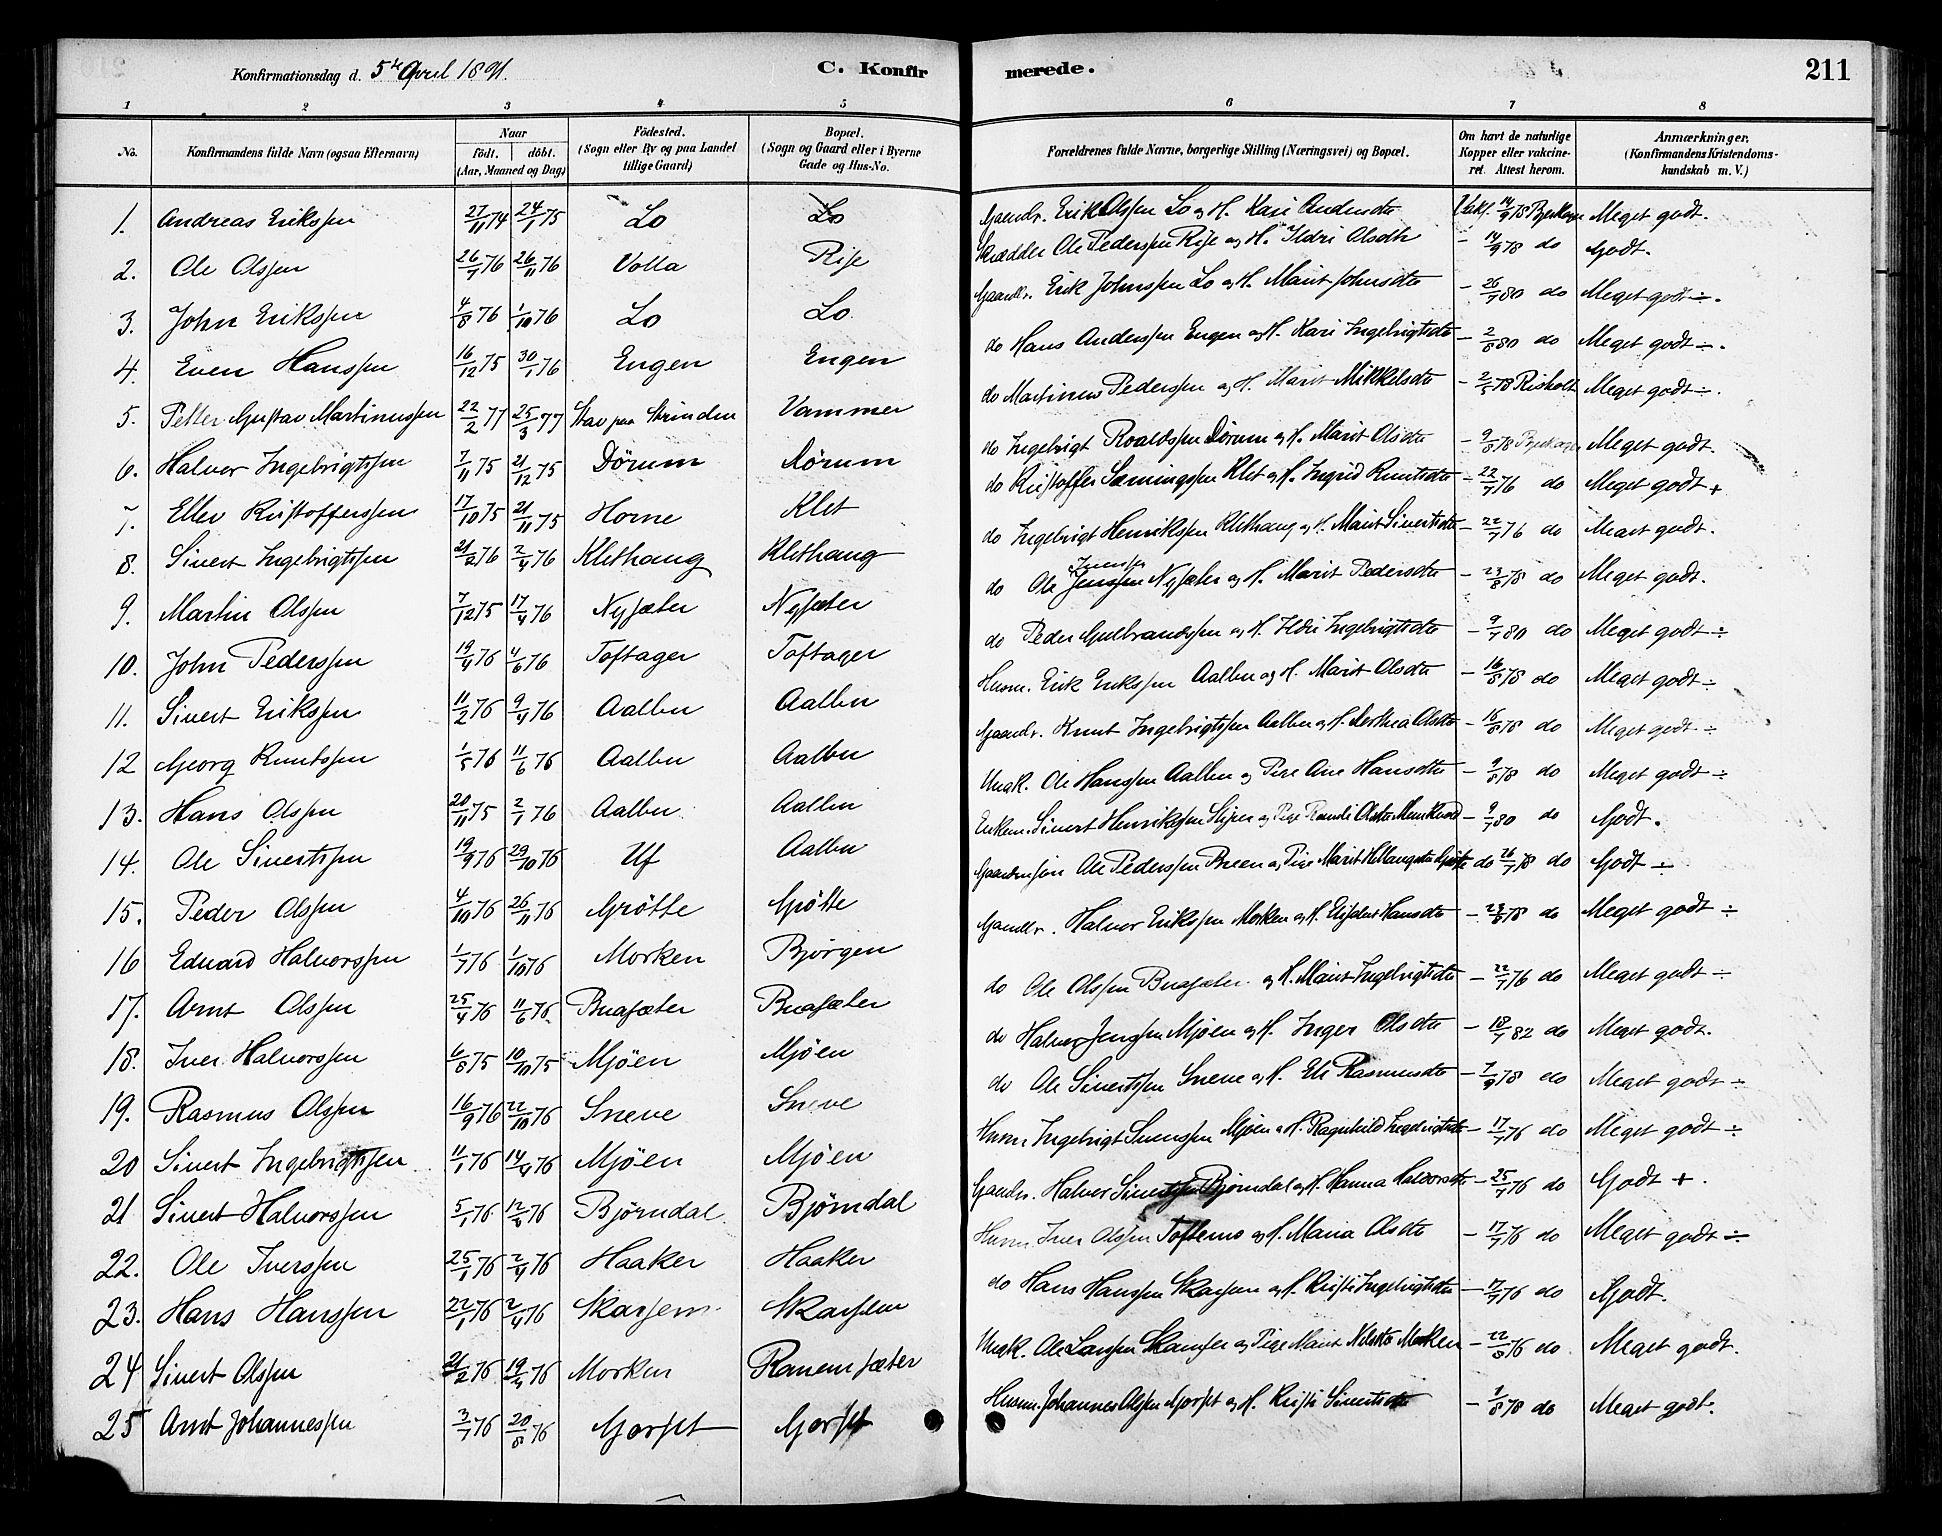 SAT, Ministerialprotokoller, klokkerbøker og fødselsregistre - Sør-Trøndelag, 678/L0901: Ministerialbok nr. 678A10, 1881-1894, s. 211